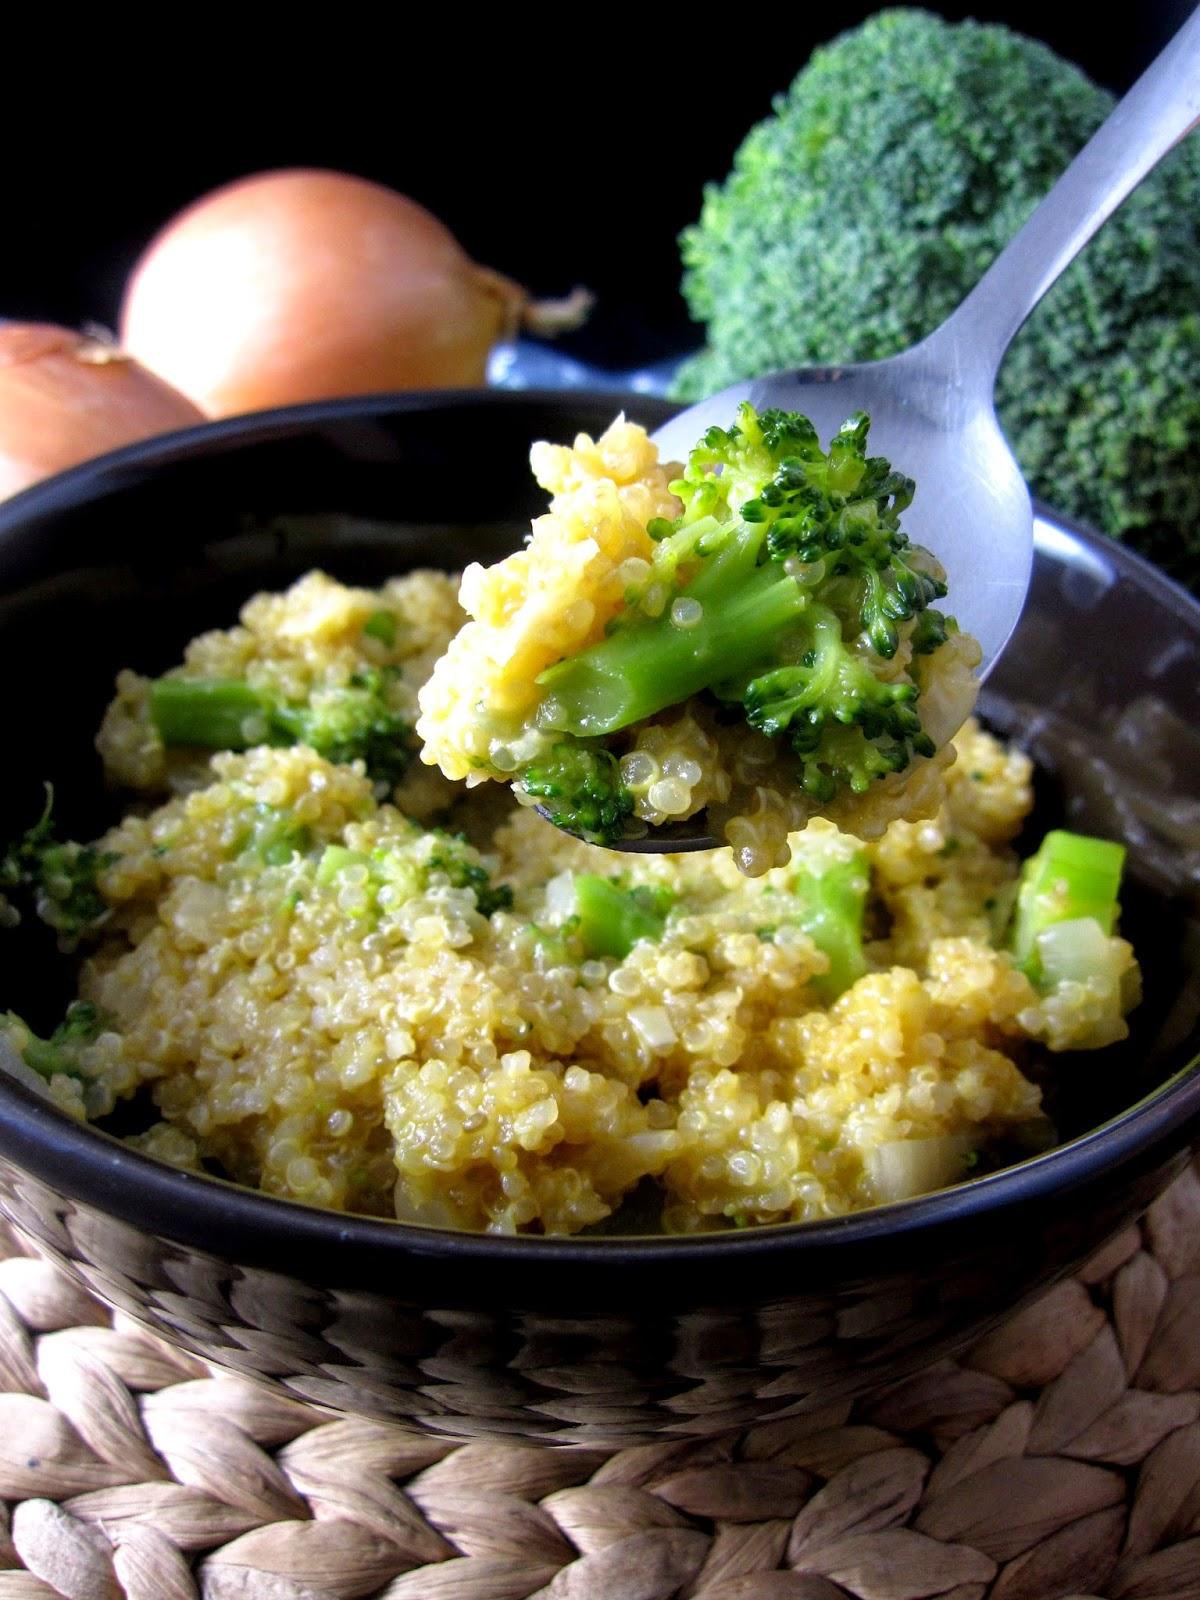 Cheesy Onion and Broccoli Quinoa